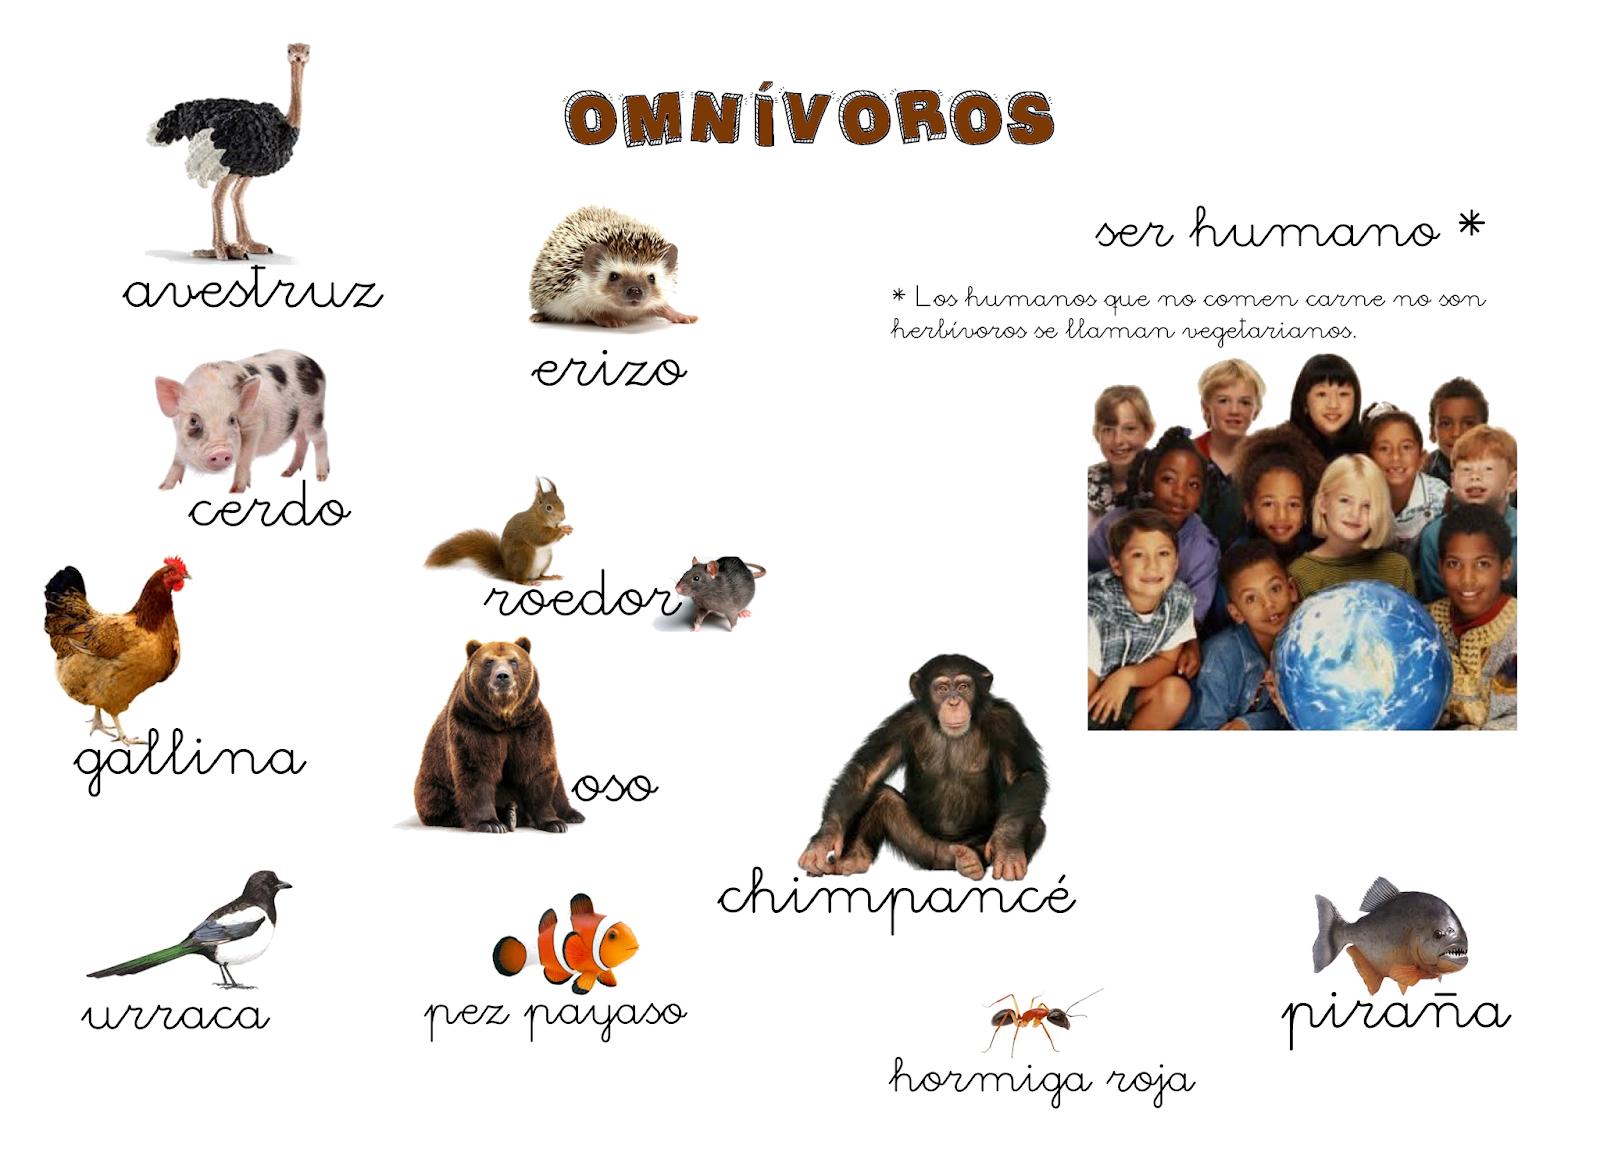 Qué Puedo Hacer Hoy Animales Omnívoros